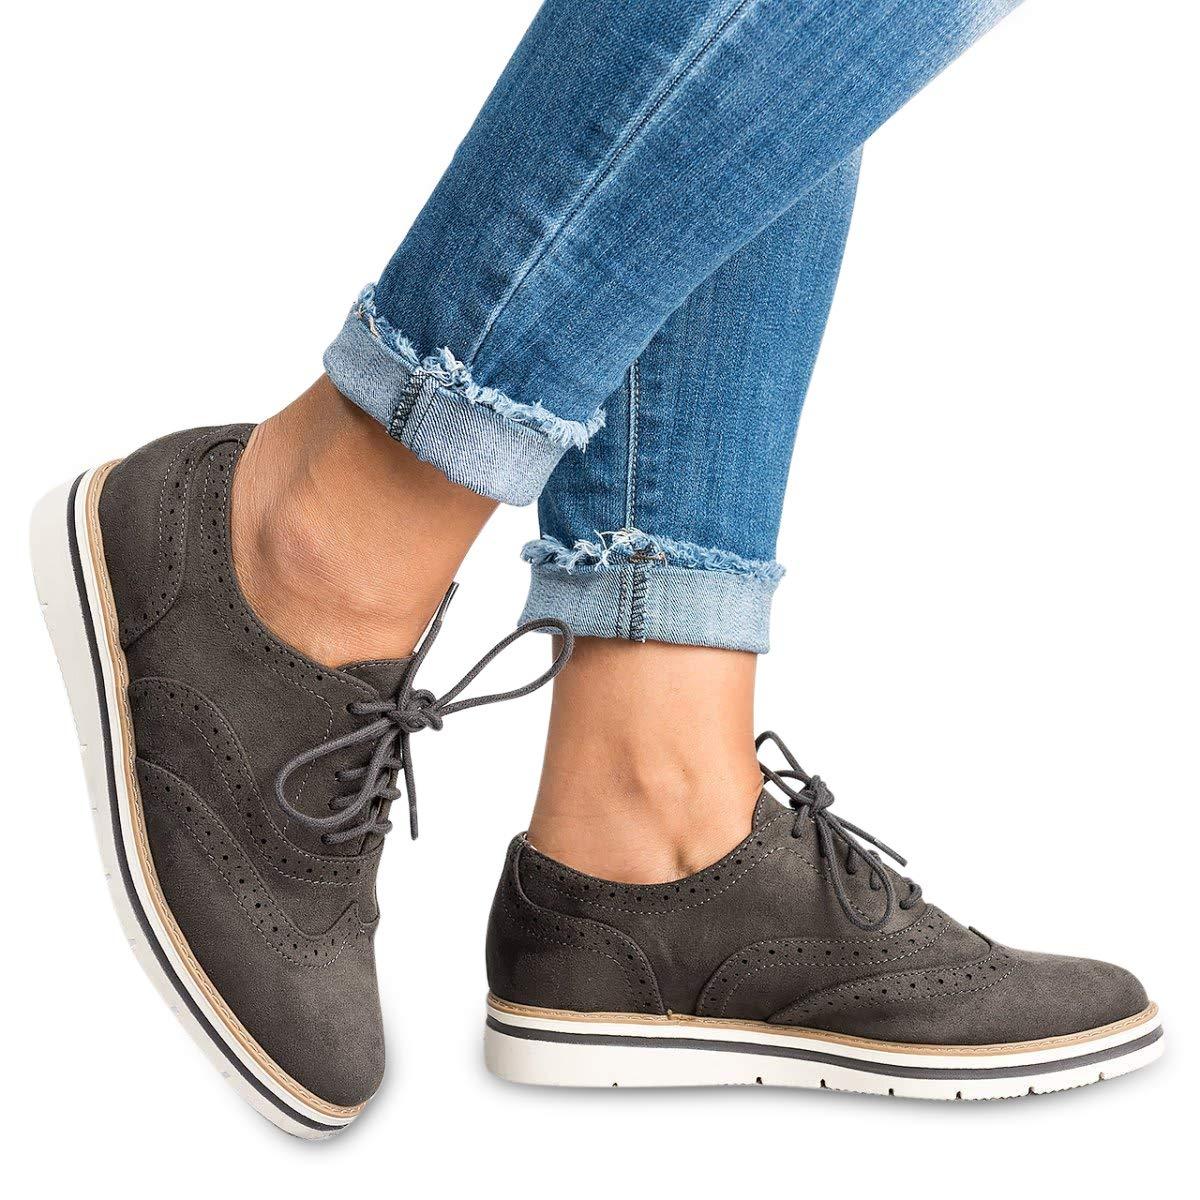 Oxford Mujer Zapatos Cordones Derby Brogue Plano Tal/ón Calzado Vestir Casual Vintage Uniforme Trabajo Sneaker Negro Rosa Gris Azul Marr/ón 35-43 EU